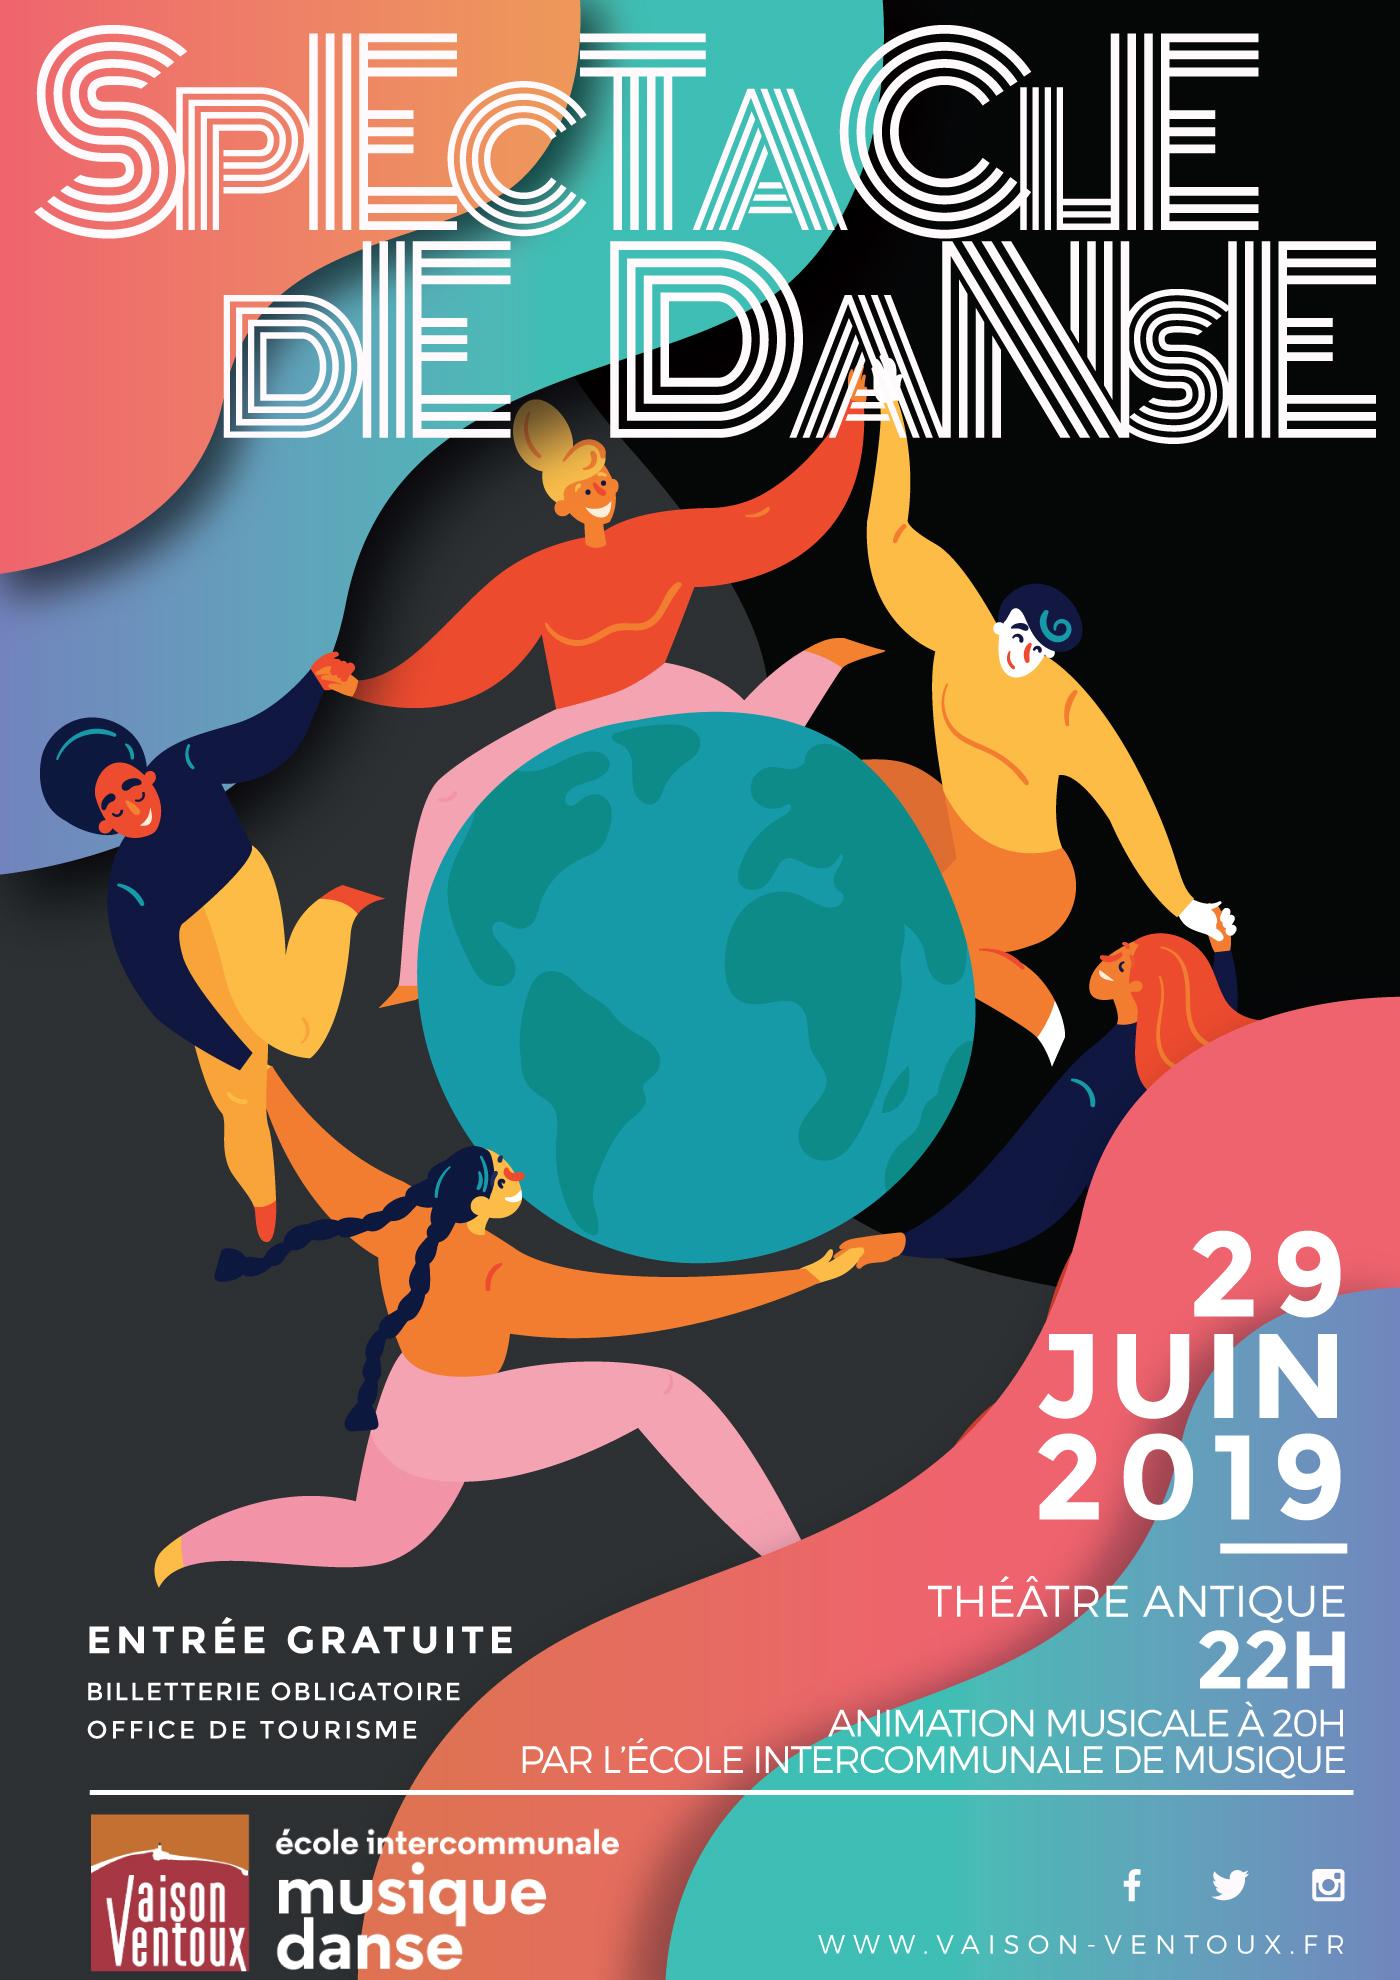 Spectacle-Danse-2019-Vaison-Ventoux.jpg